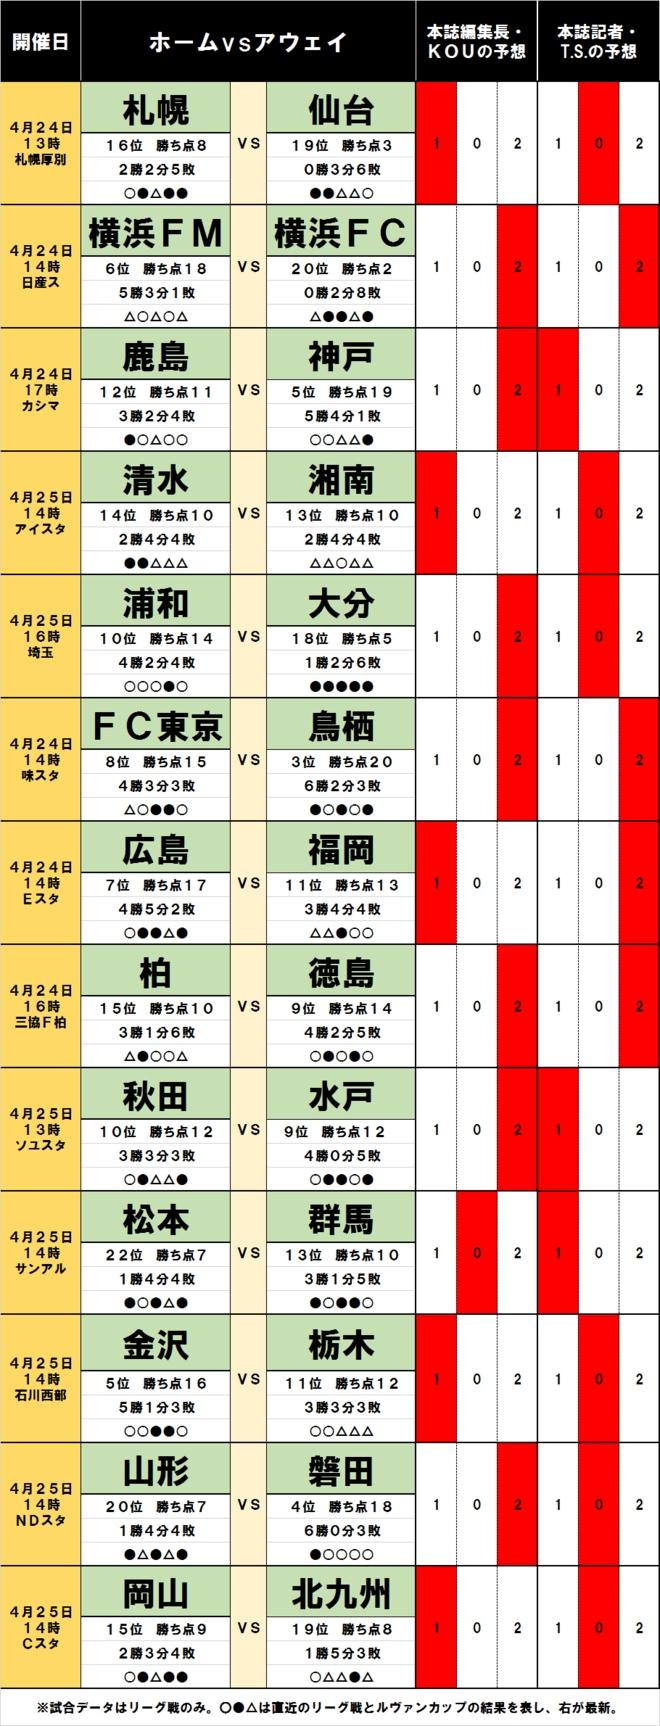 「サッカー批評のtoto予想」(第1236回)4月24・25日 横浜ダービーに漂う「またも波乱」の予感の画像001